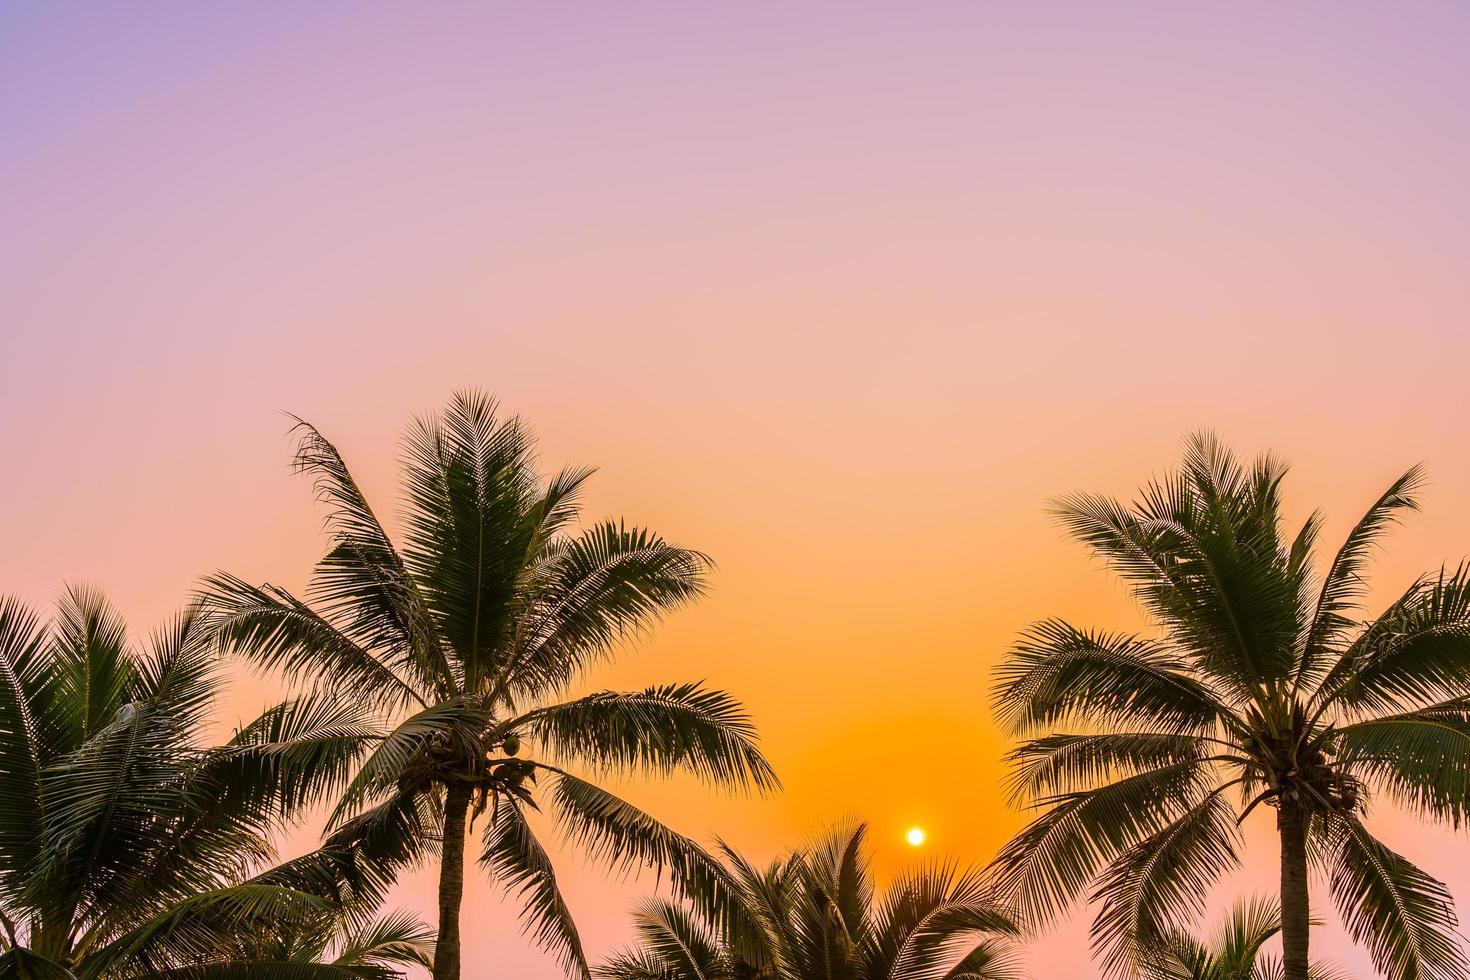 palmiers à l & # 39; océan photo